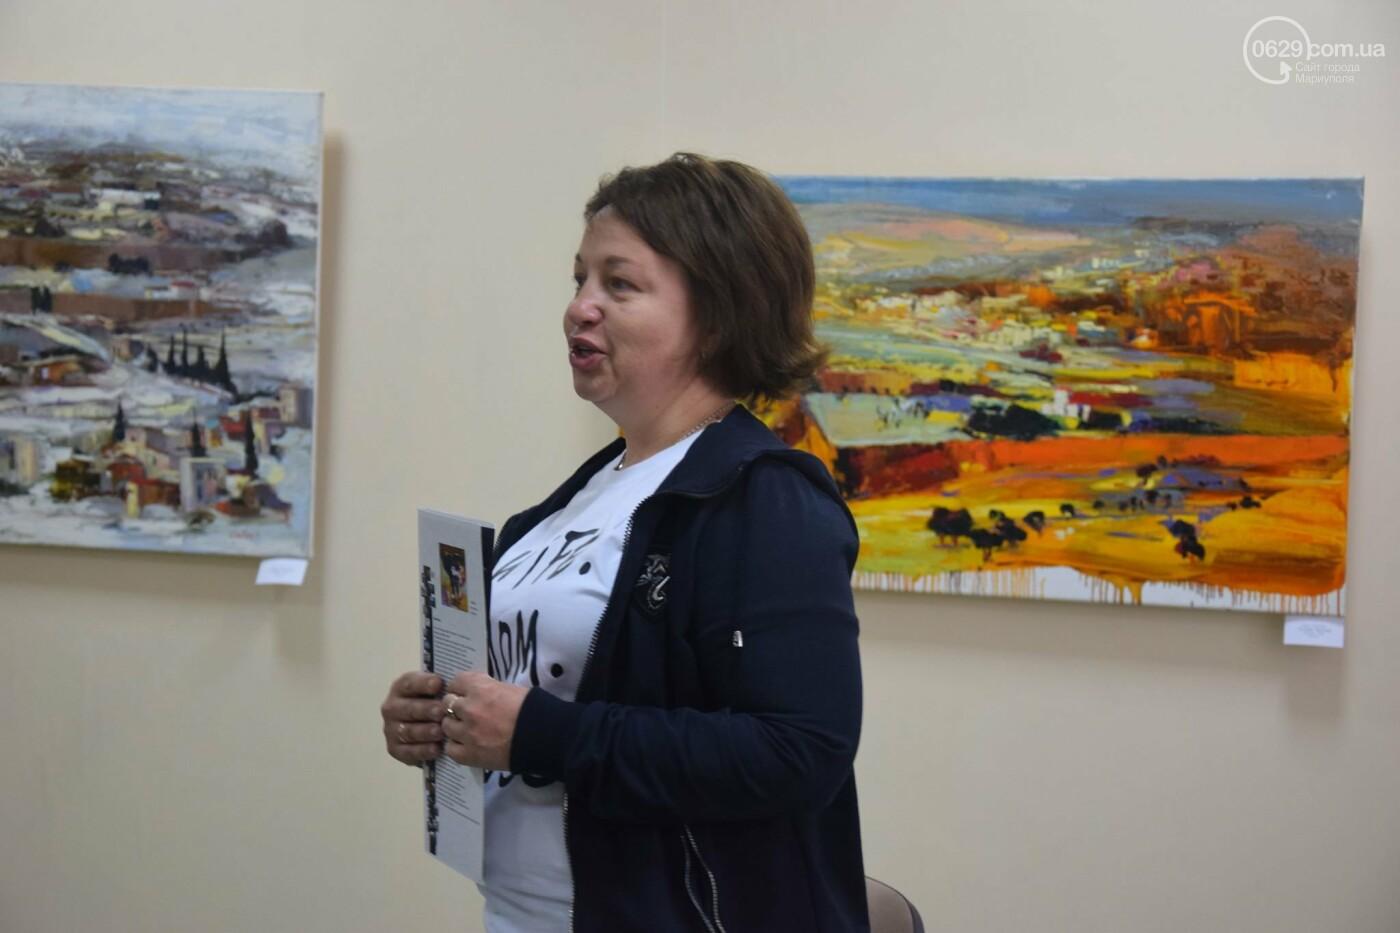 Комплимент или сексизм. Что можно увидеть на картинах художницы из Израиля,- ФОТО, фото-6